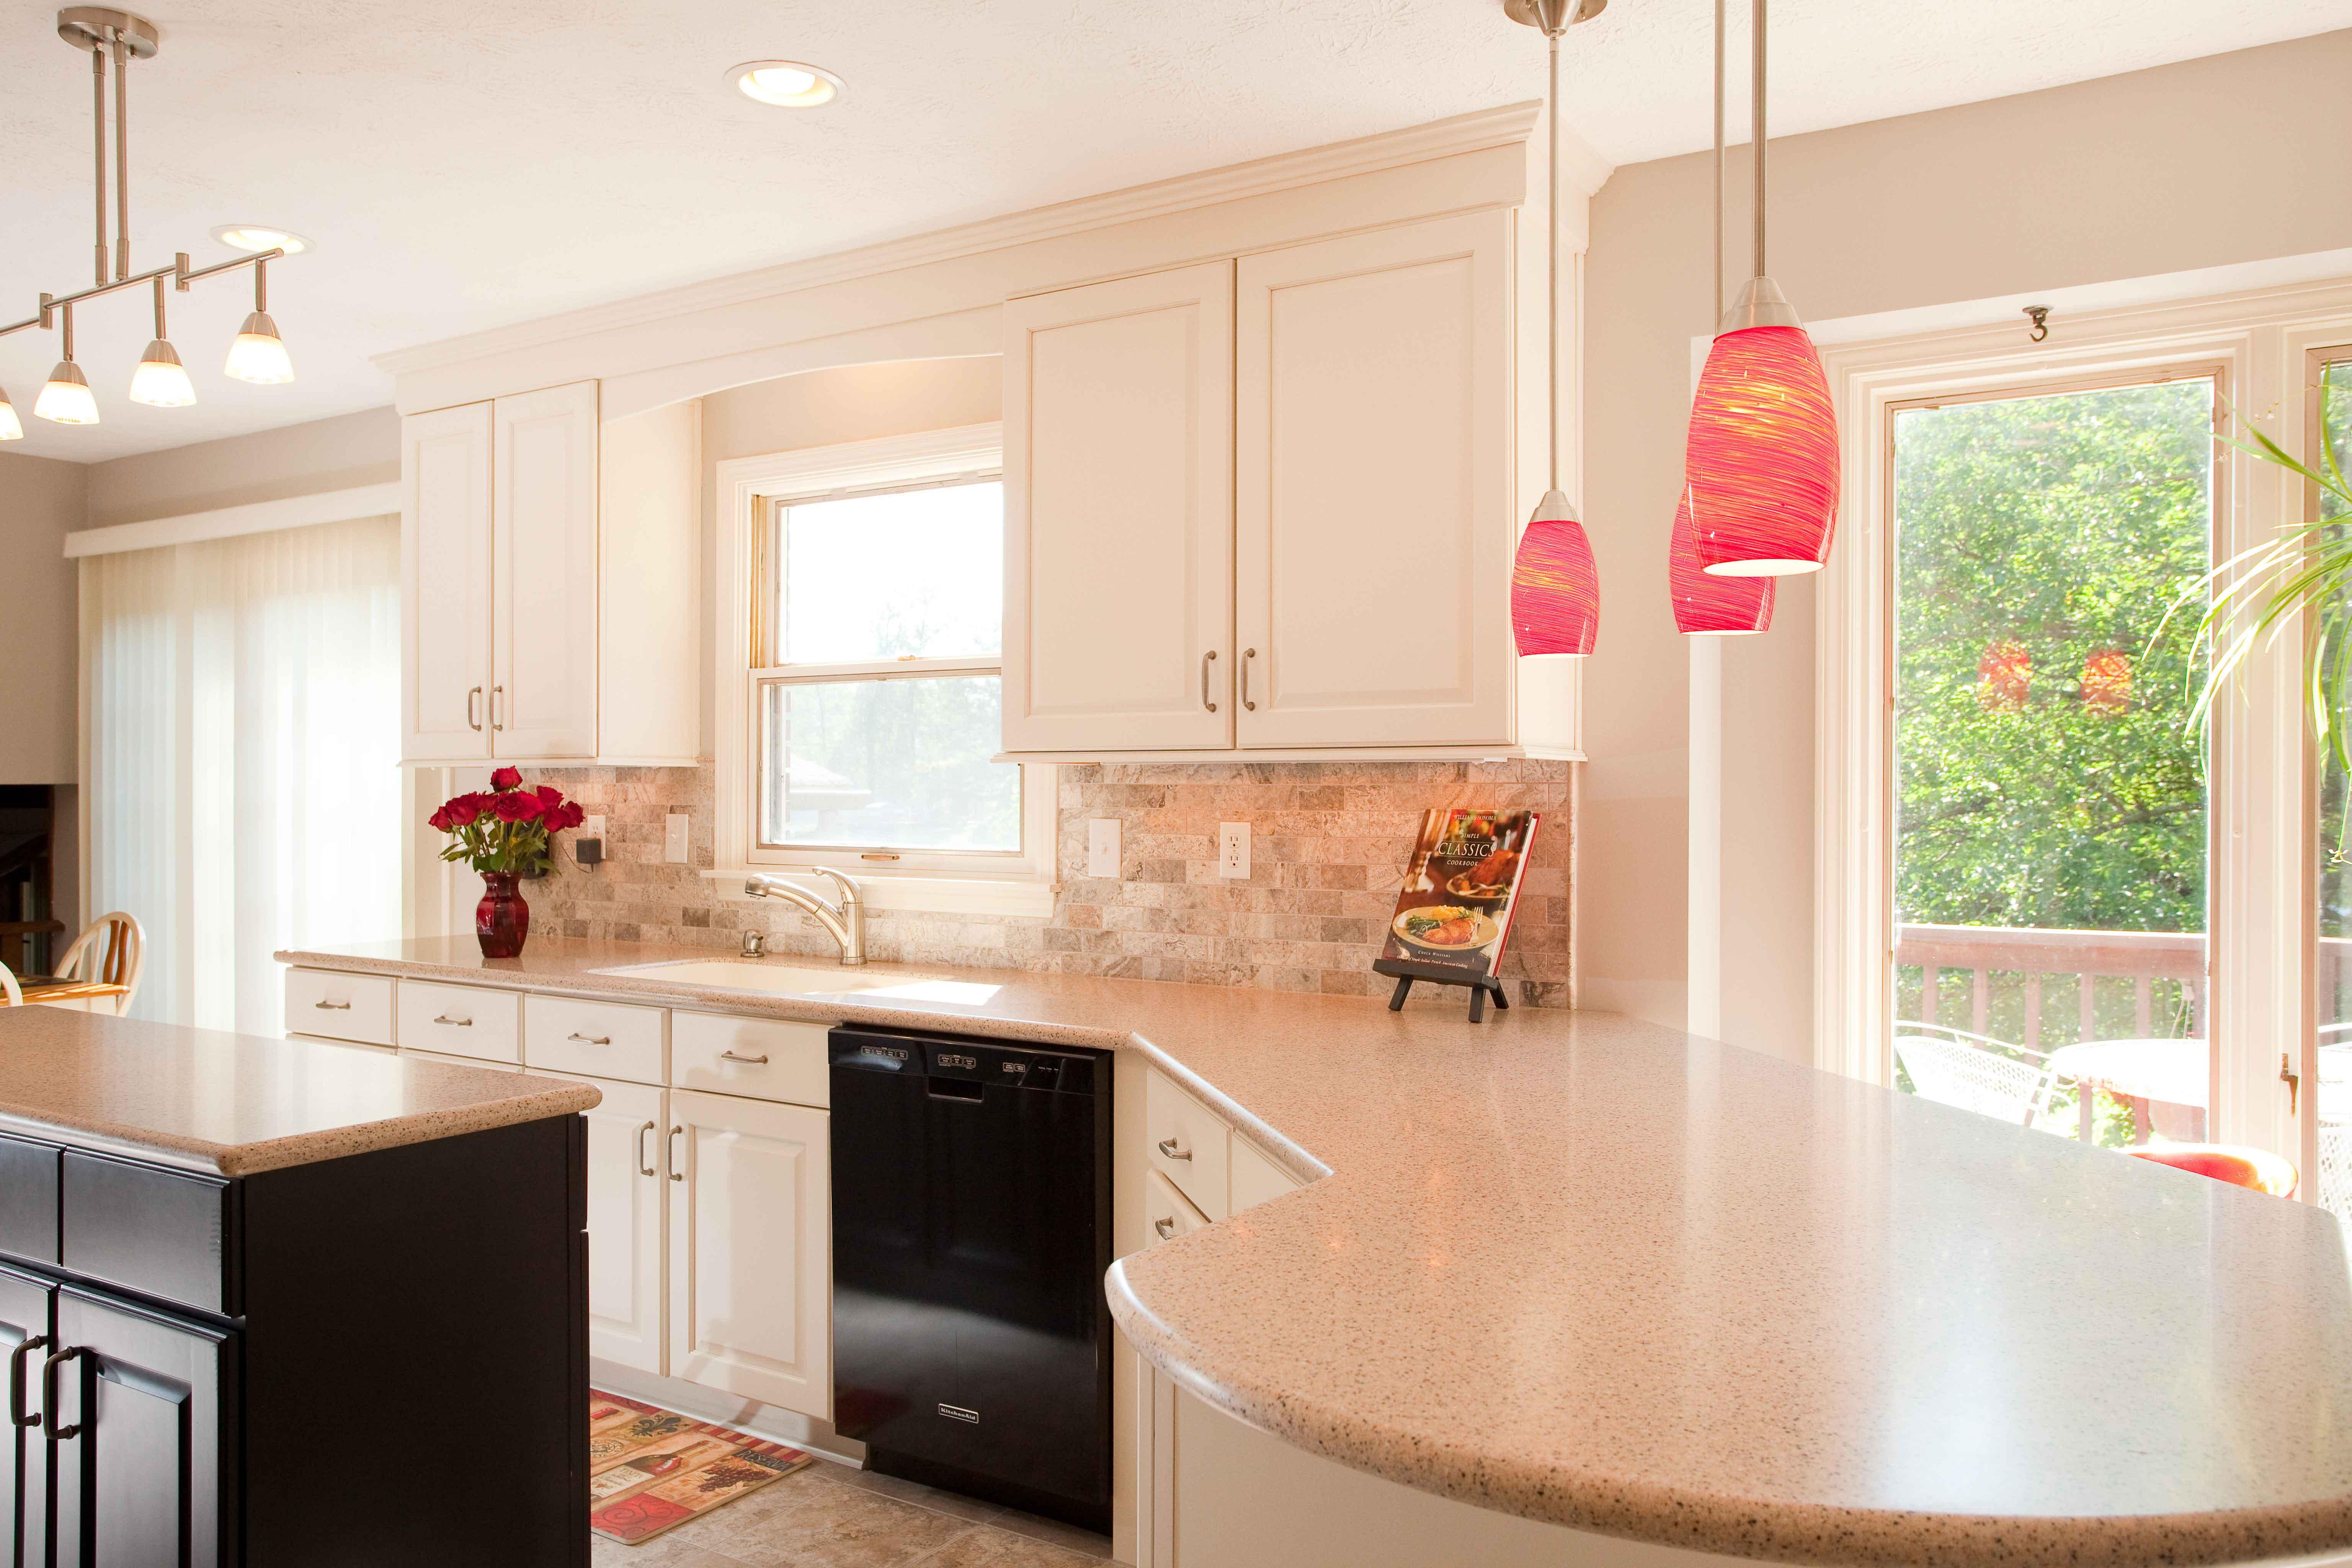 Thiết kế phòng bếp tông màu hồng mê hoặc phái đẹp - 1